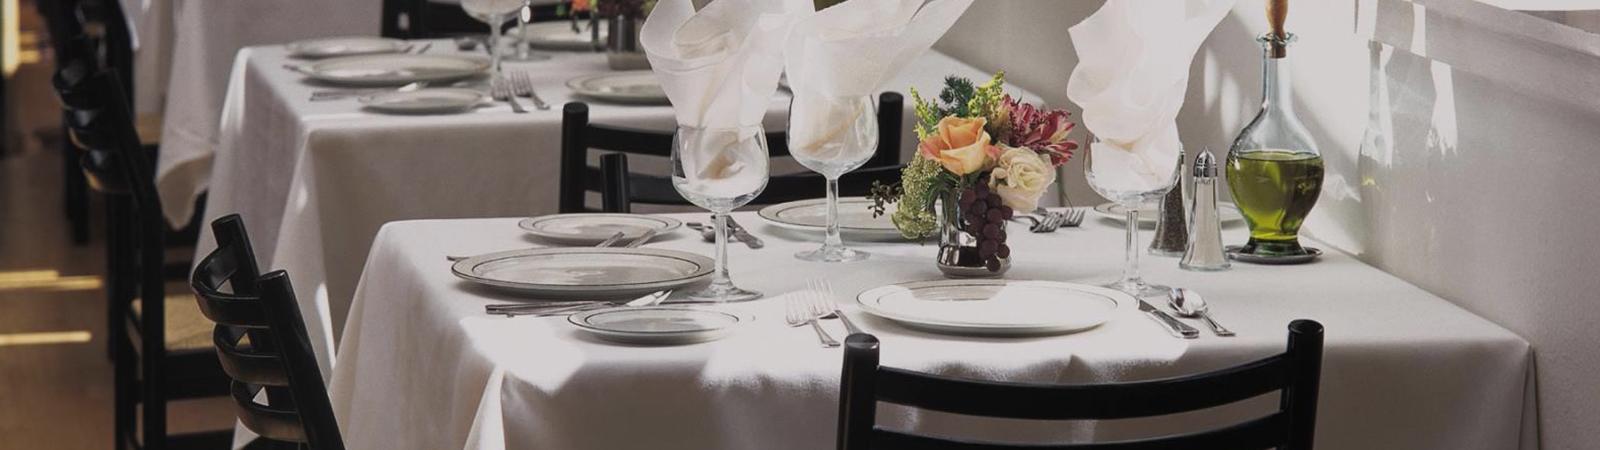 banquet-linen-banner